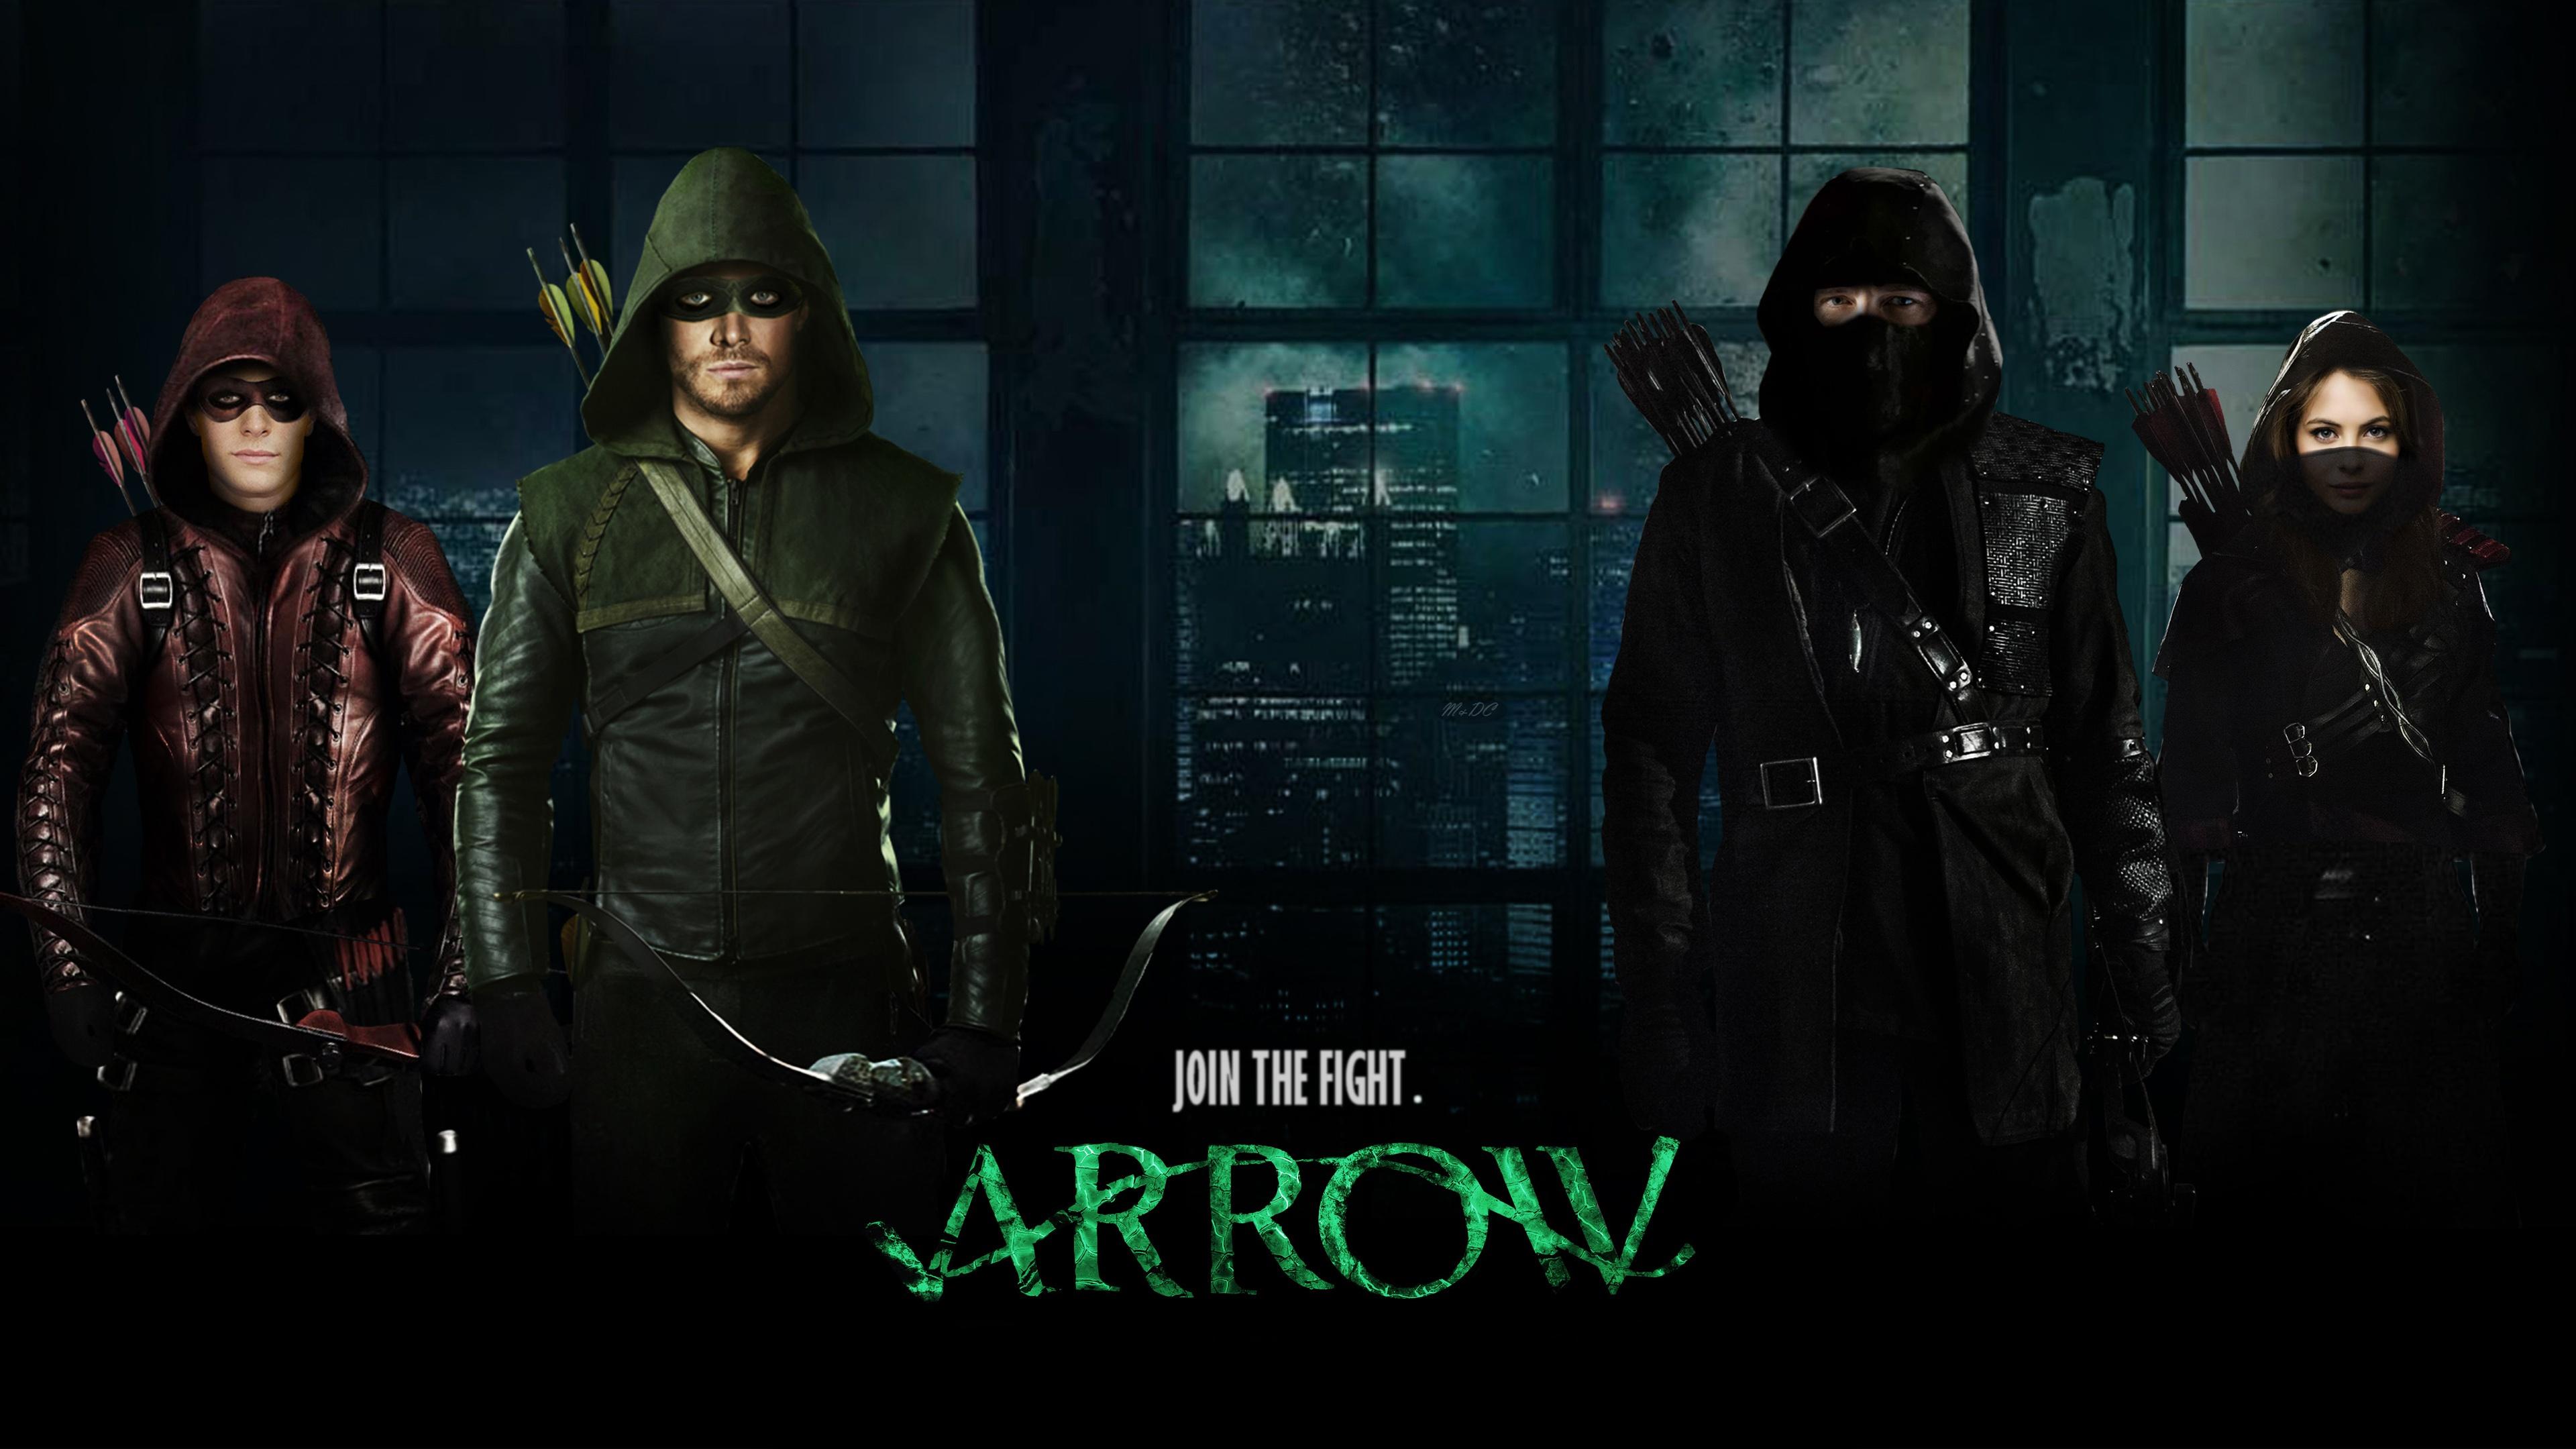 arrow season 3 episode 1 watch free online